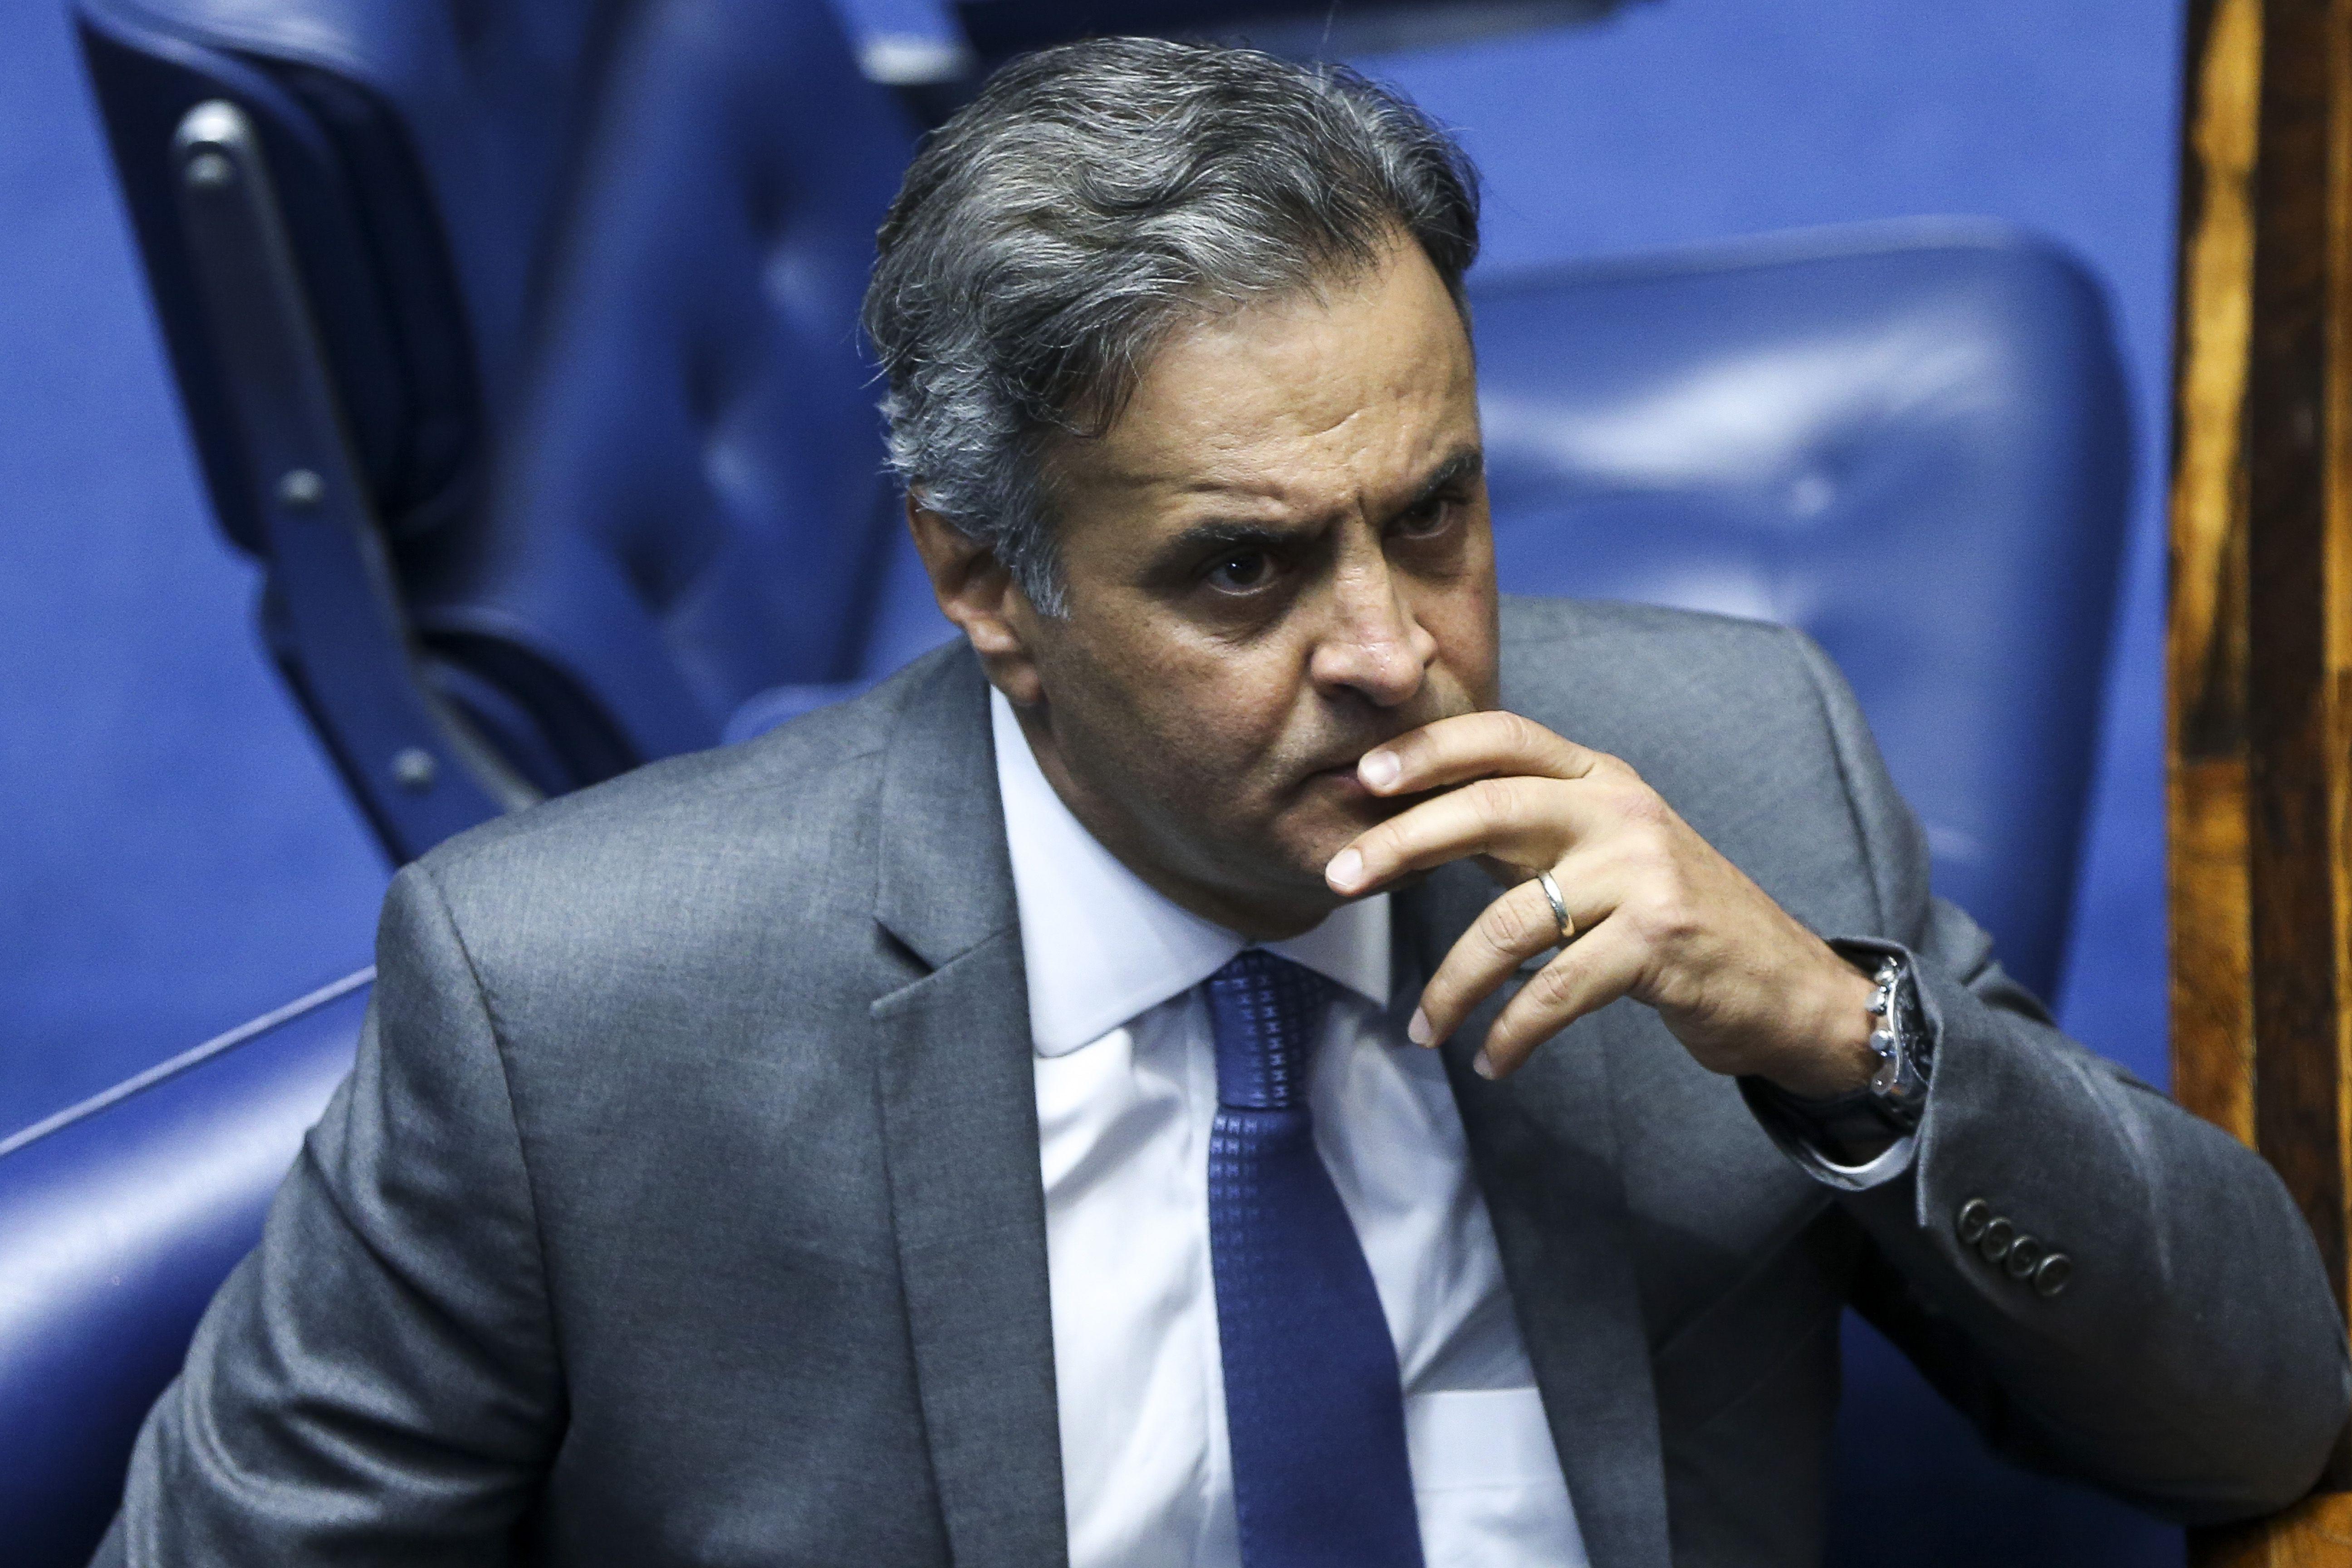 Aécio recebeu R$ 65 milhões em propina da Odebrecht e da Andrade Gutierrez, diz PF ao Supremo